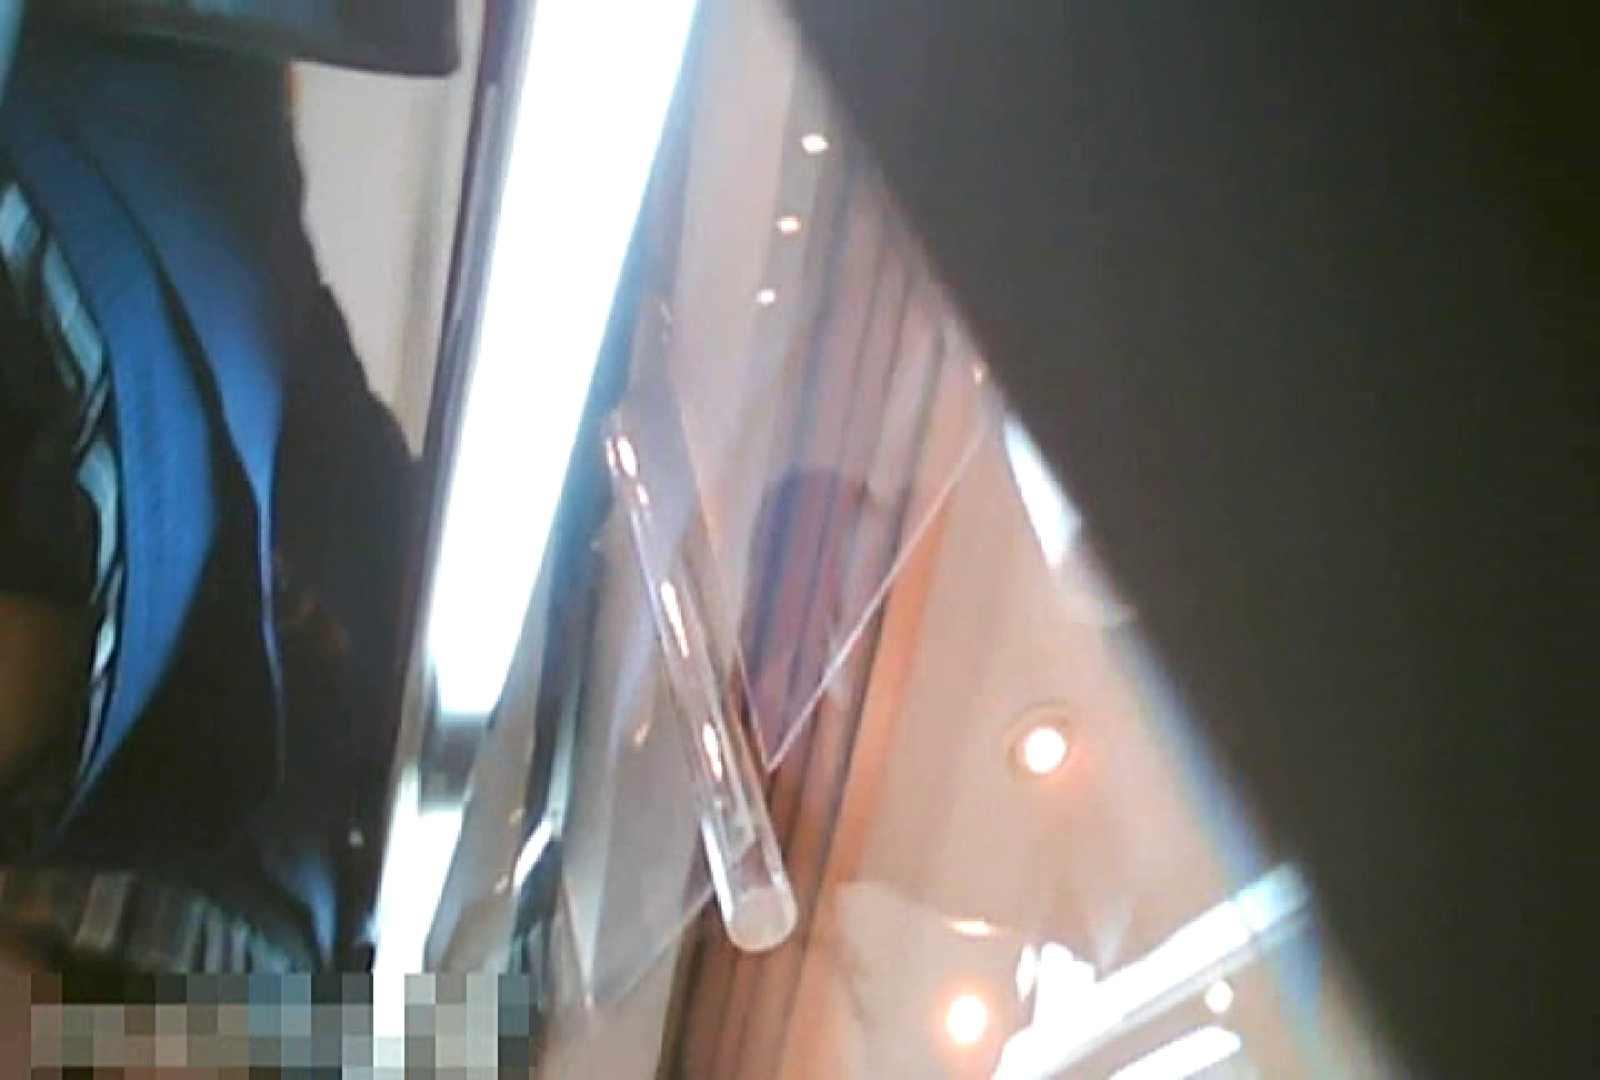 「チキン男」さんの制服ウォッチングVol.5 制服ギャル  48pic 8